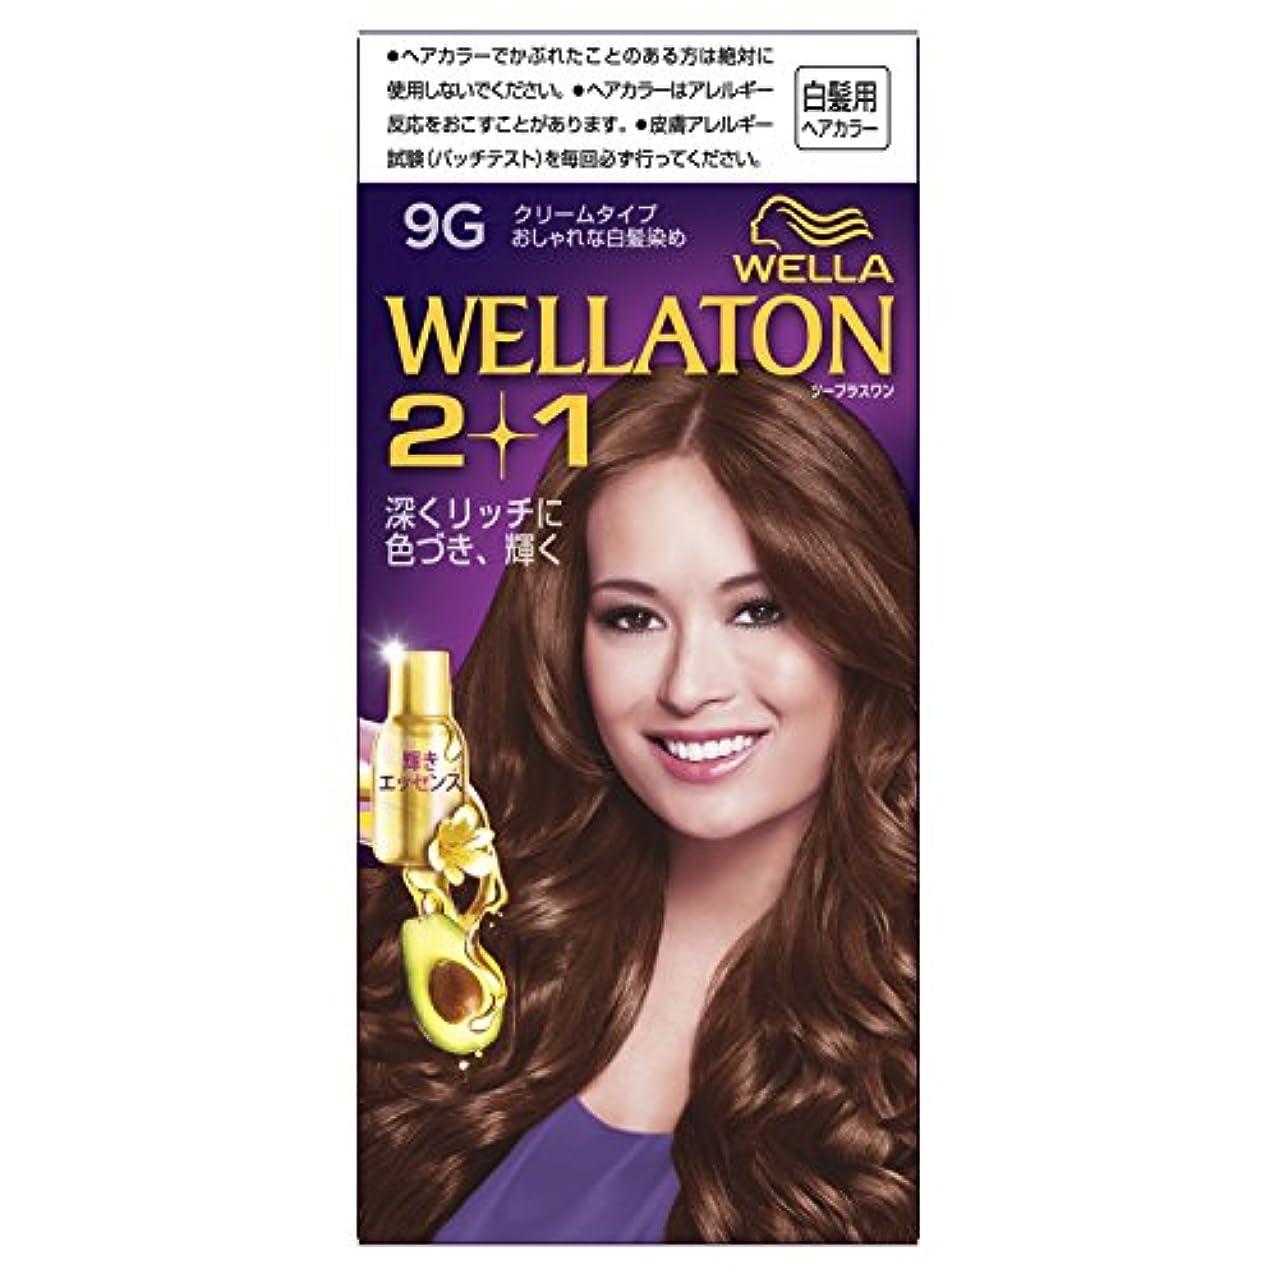 チューリップ中国座標ウエラトーン2+1 クリームタイプ 9G [医薬部外品](おしゃれな白髪染め)